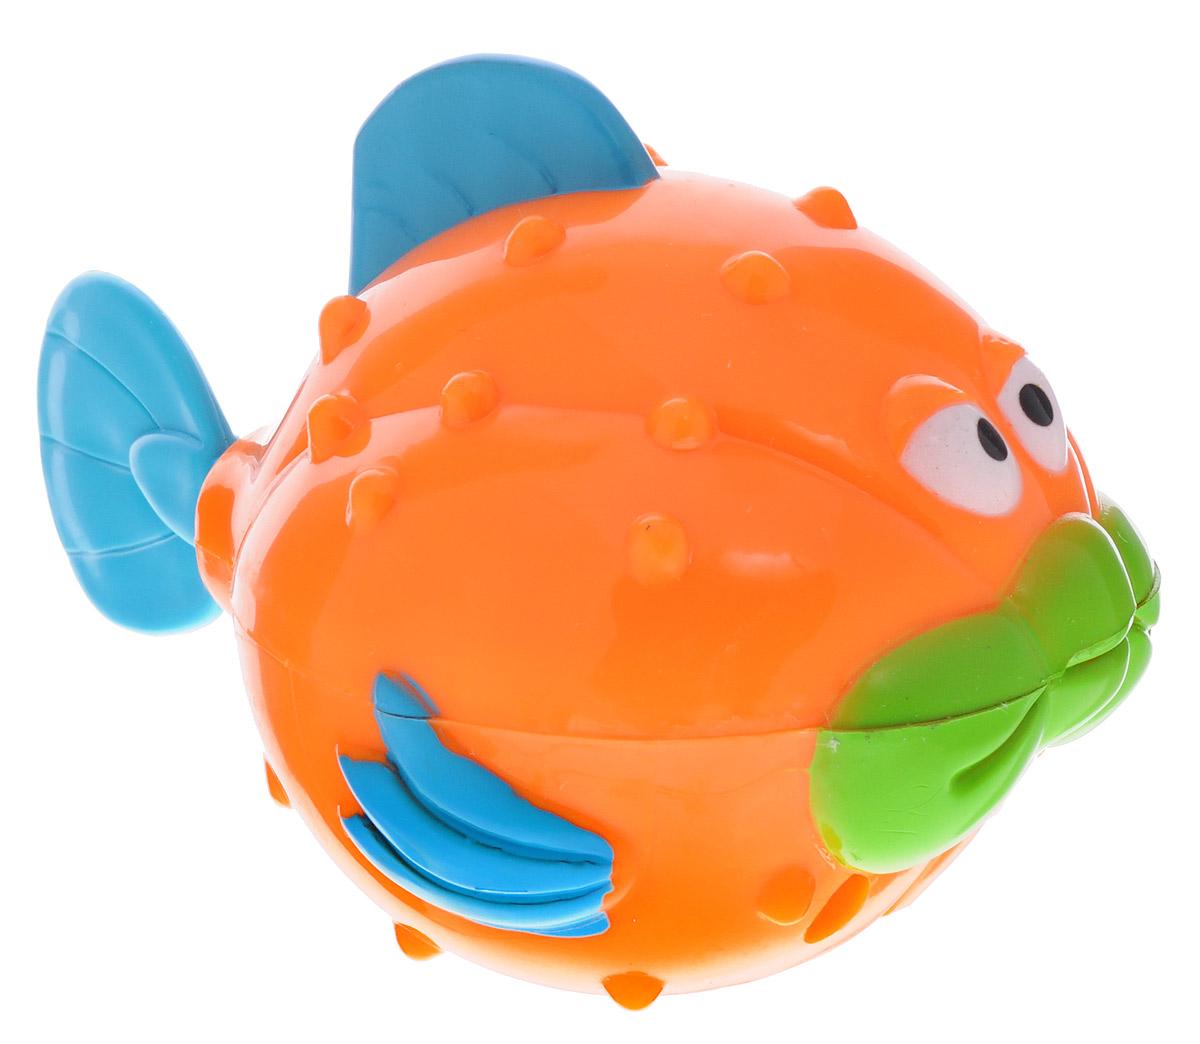 Alex Toys Игрушка для ванной Рыба-ёж850WИгрушка для ванной Alex Toys Рыба-ёж приведет в восторг вашего малыша во время купания. Игрушка выполнена в виде забавной рыбы-ежа. С такой игрушкой ваш ребенок сможет придумать бессчетное количество веселых игр и историй. Рыба заводится ключиком, который спрятан у нее под брюхом. Игрушка способствует развитию внимательности, мелкой моторики рук, воображения, зрительного восприятия.